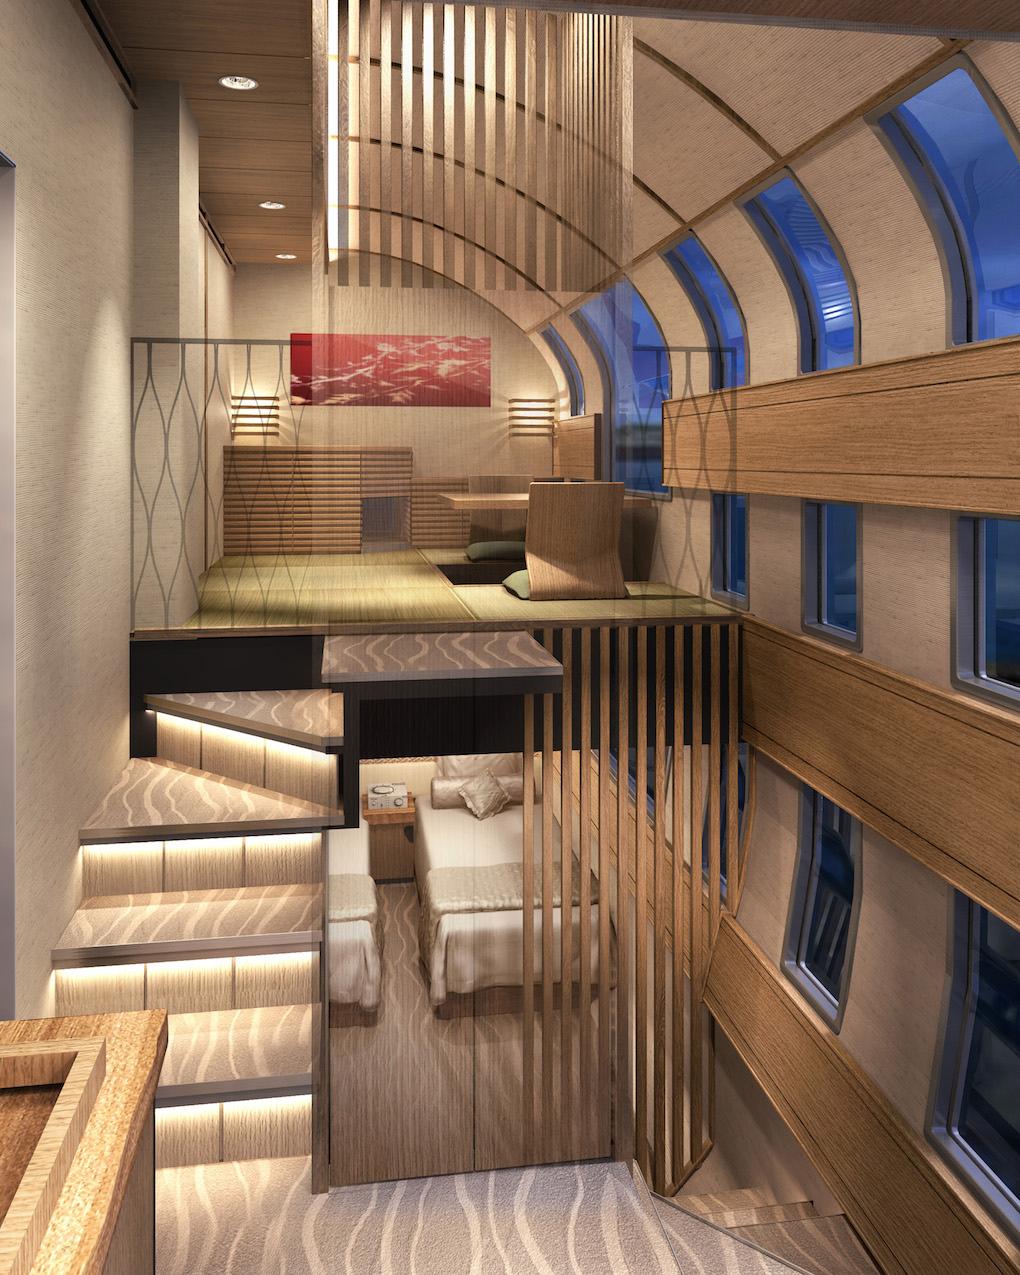 Japan's Futuristic Model Cruise Trains